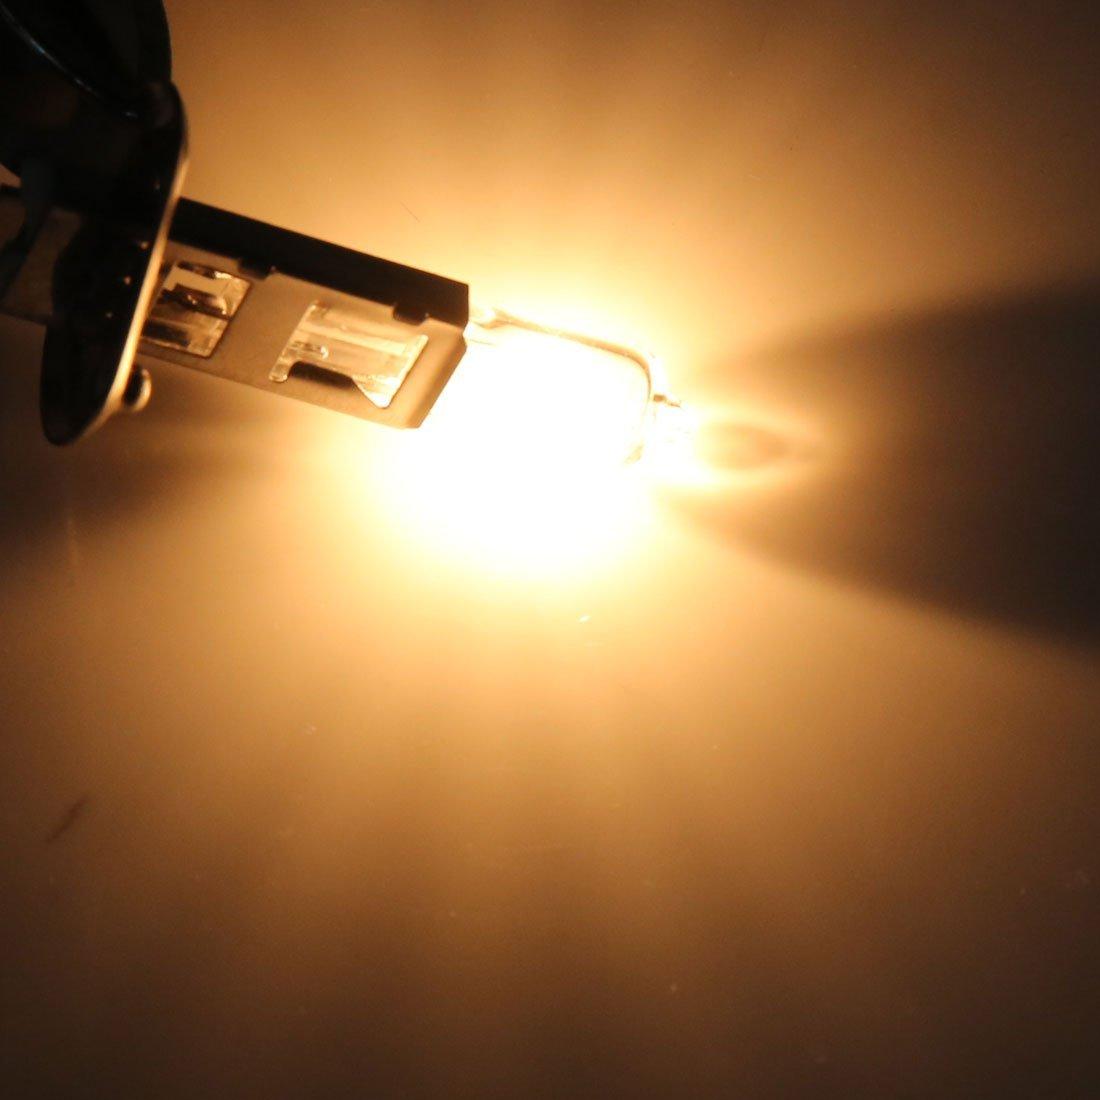 Amazon.com: eDealMax DC 12V 100W H1 Amarillo bombilla halógena de conducción luz de niebla de la lámpara del faro Para el coche auto: Automotive